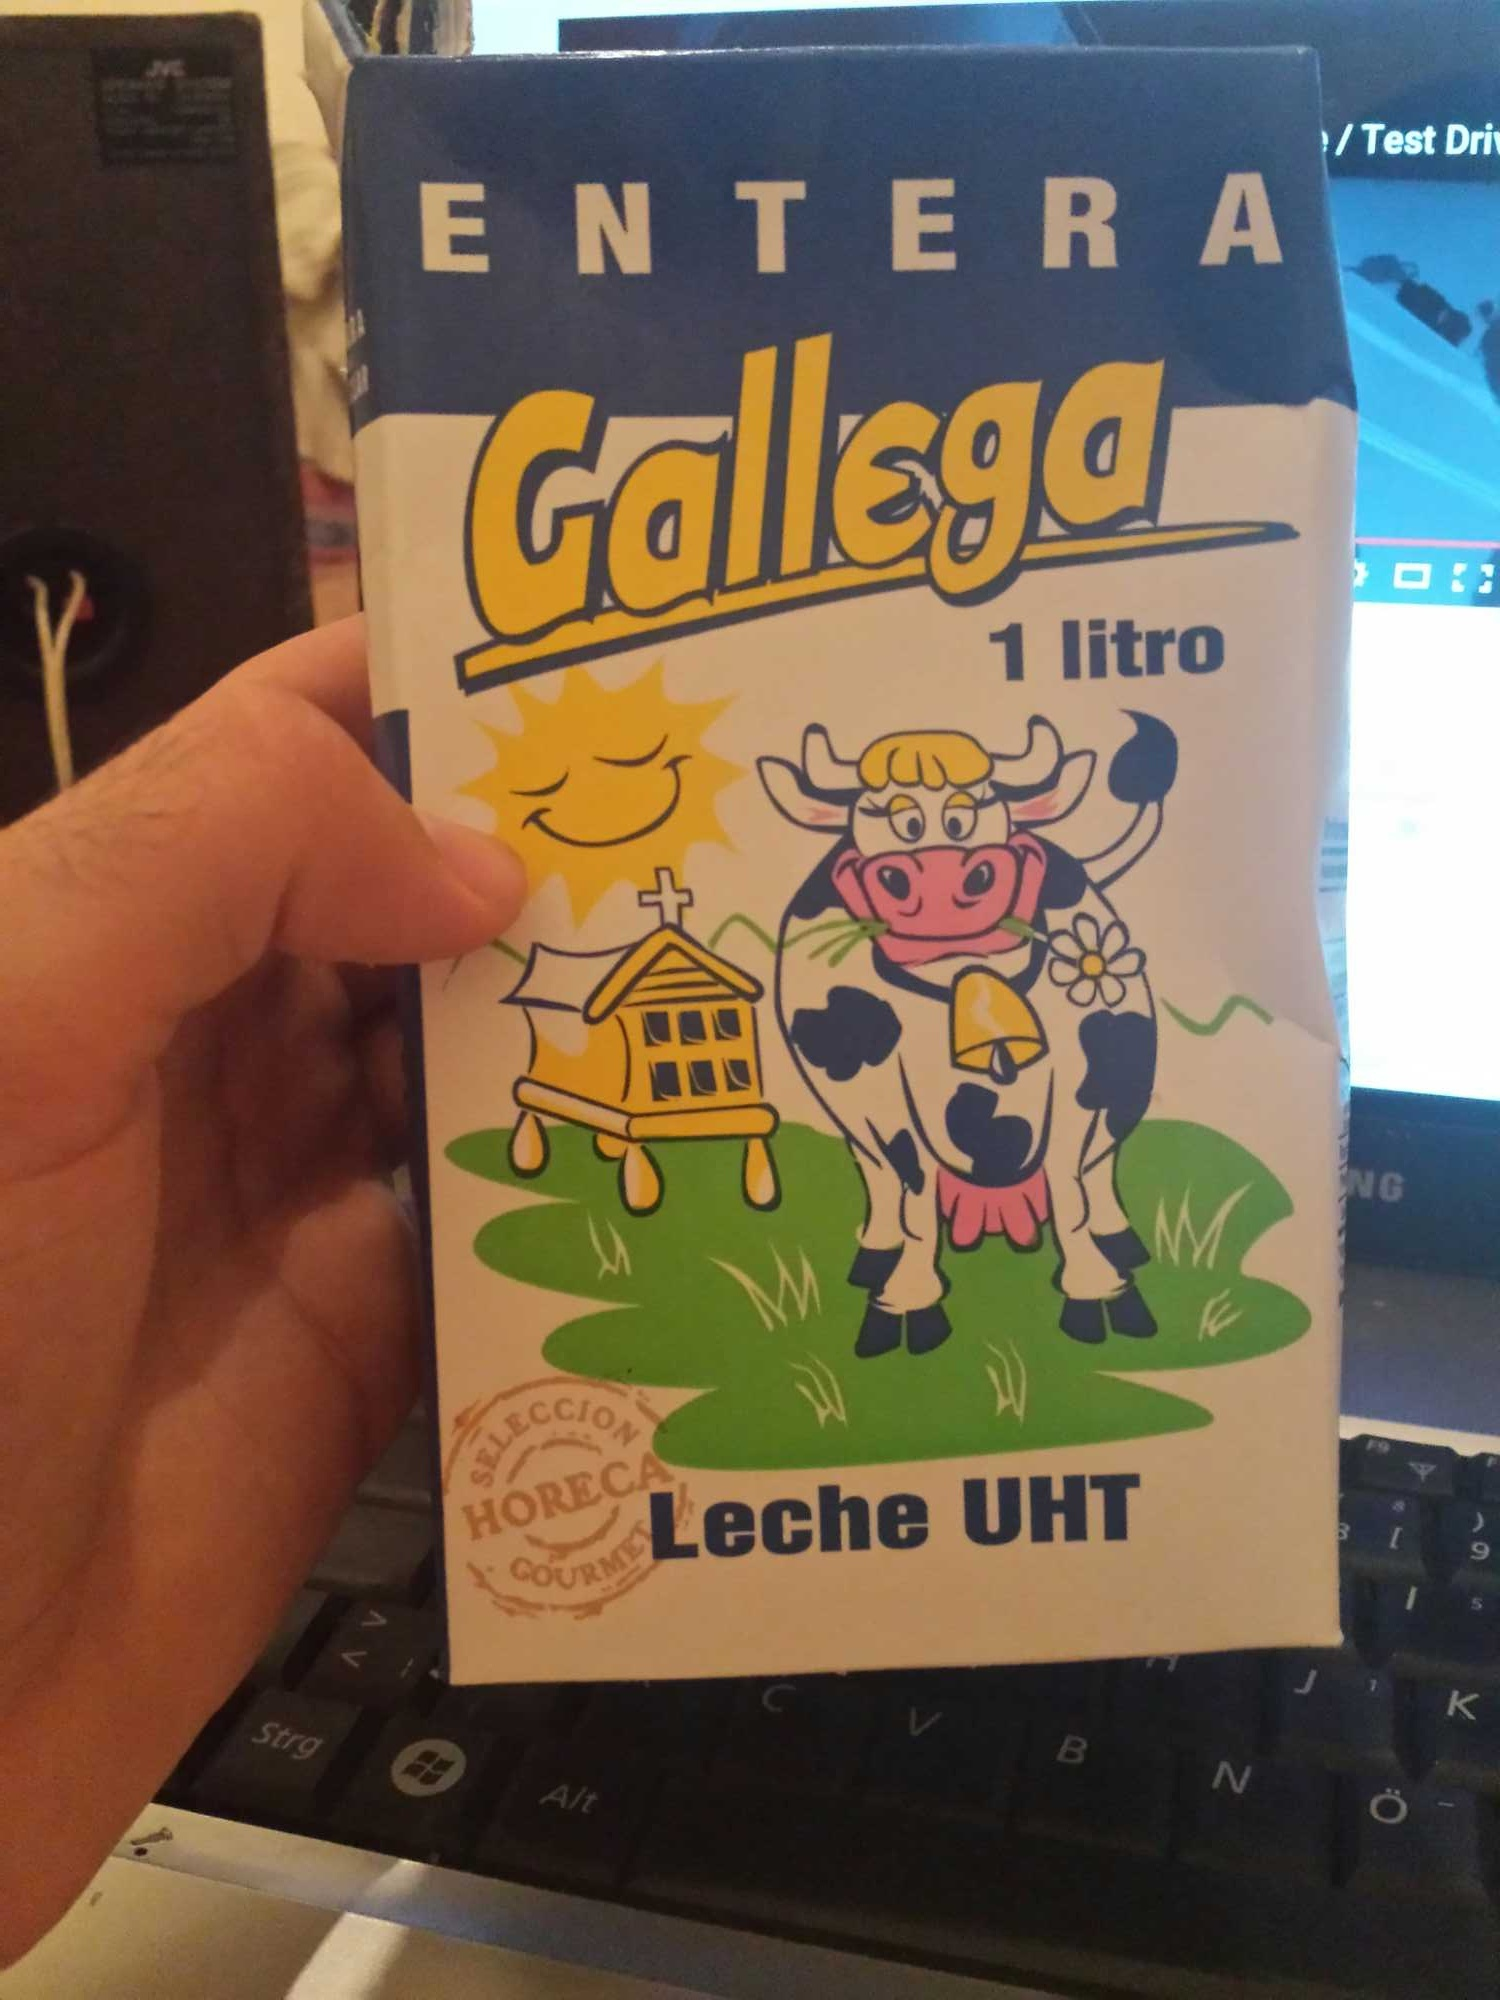 LECHE GALLEGA CLASICA ENTERA BRICK-1 LITRO - Producto - fr